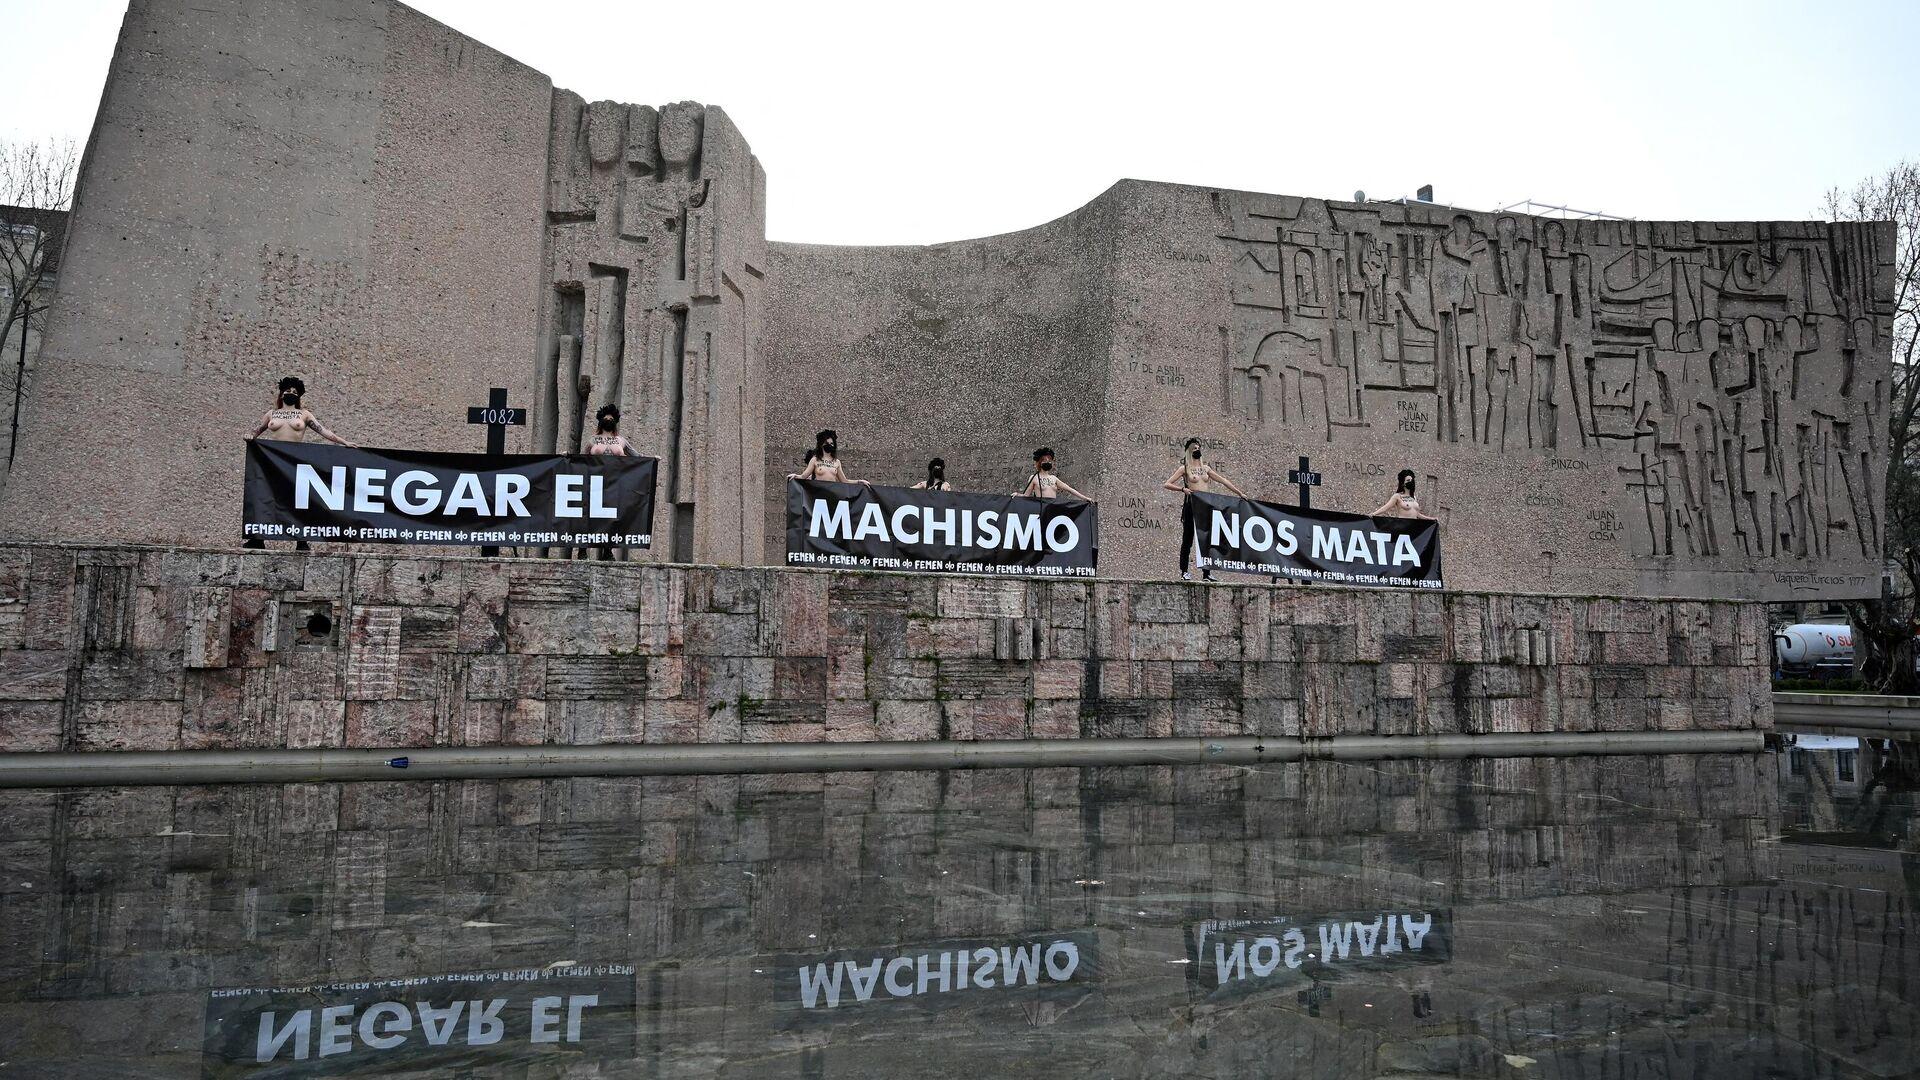 Activistas de Femen sostienen pancartas que dicen Negar el sexismo nos mata durante una protesta en la Plaza de Colón de Madrid el 5 de marzo de 2021. - Sputnik Mundo, 1920, 05.03.2021